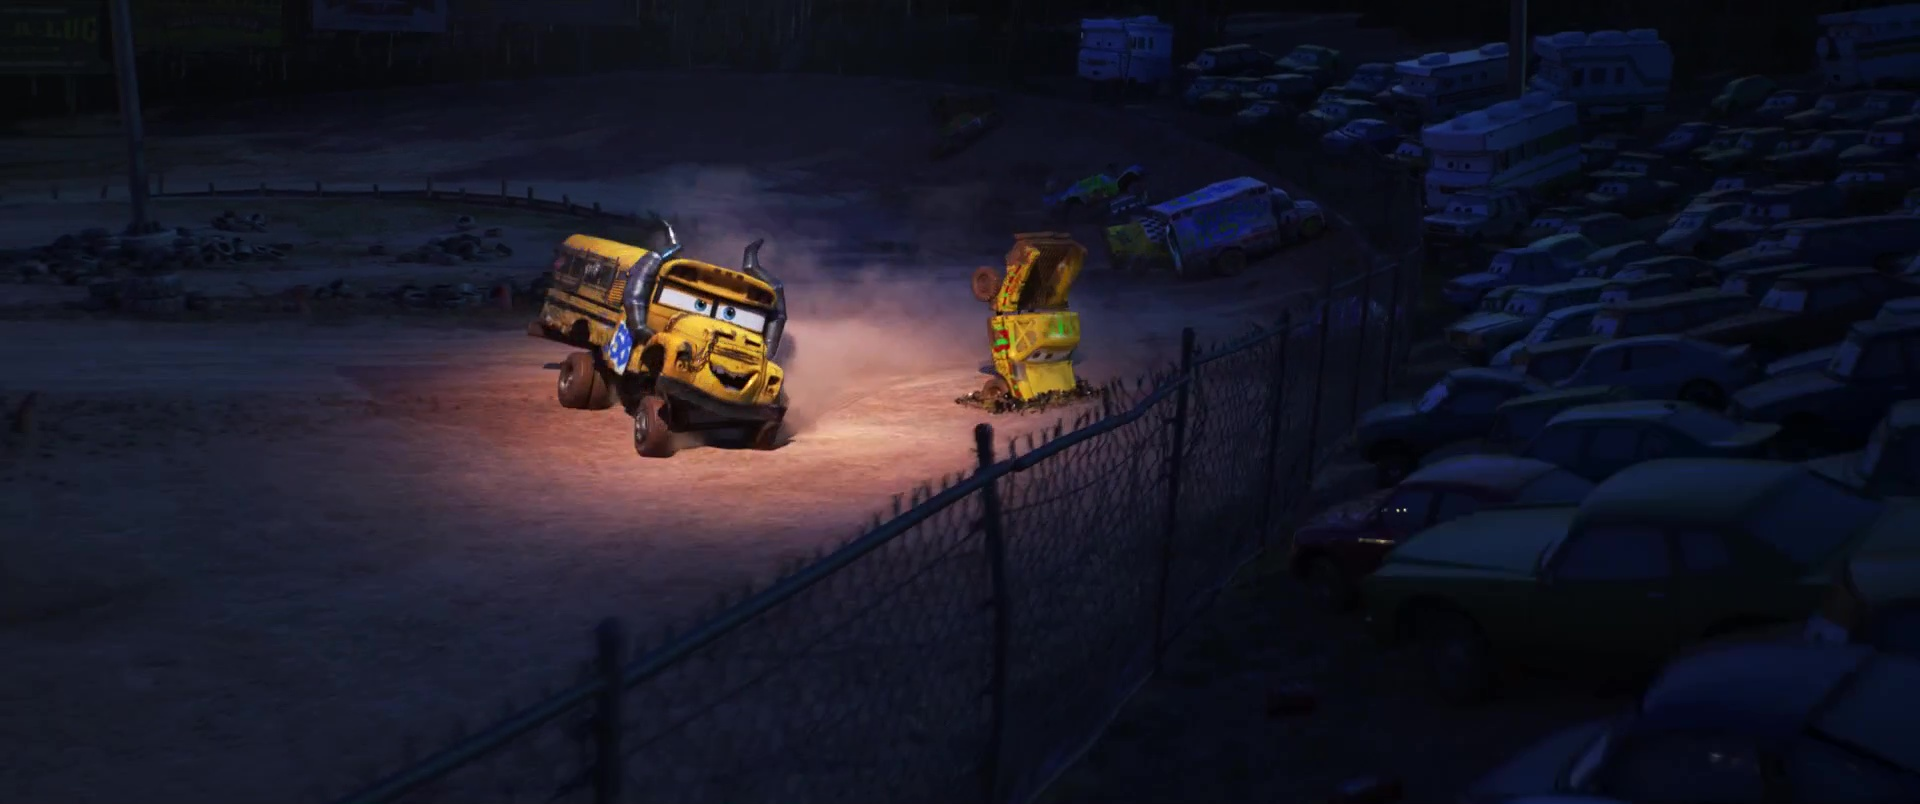 Taco Personnage Dans Cars 3 Pixar Planet Fr